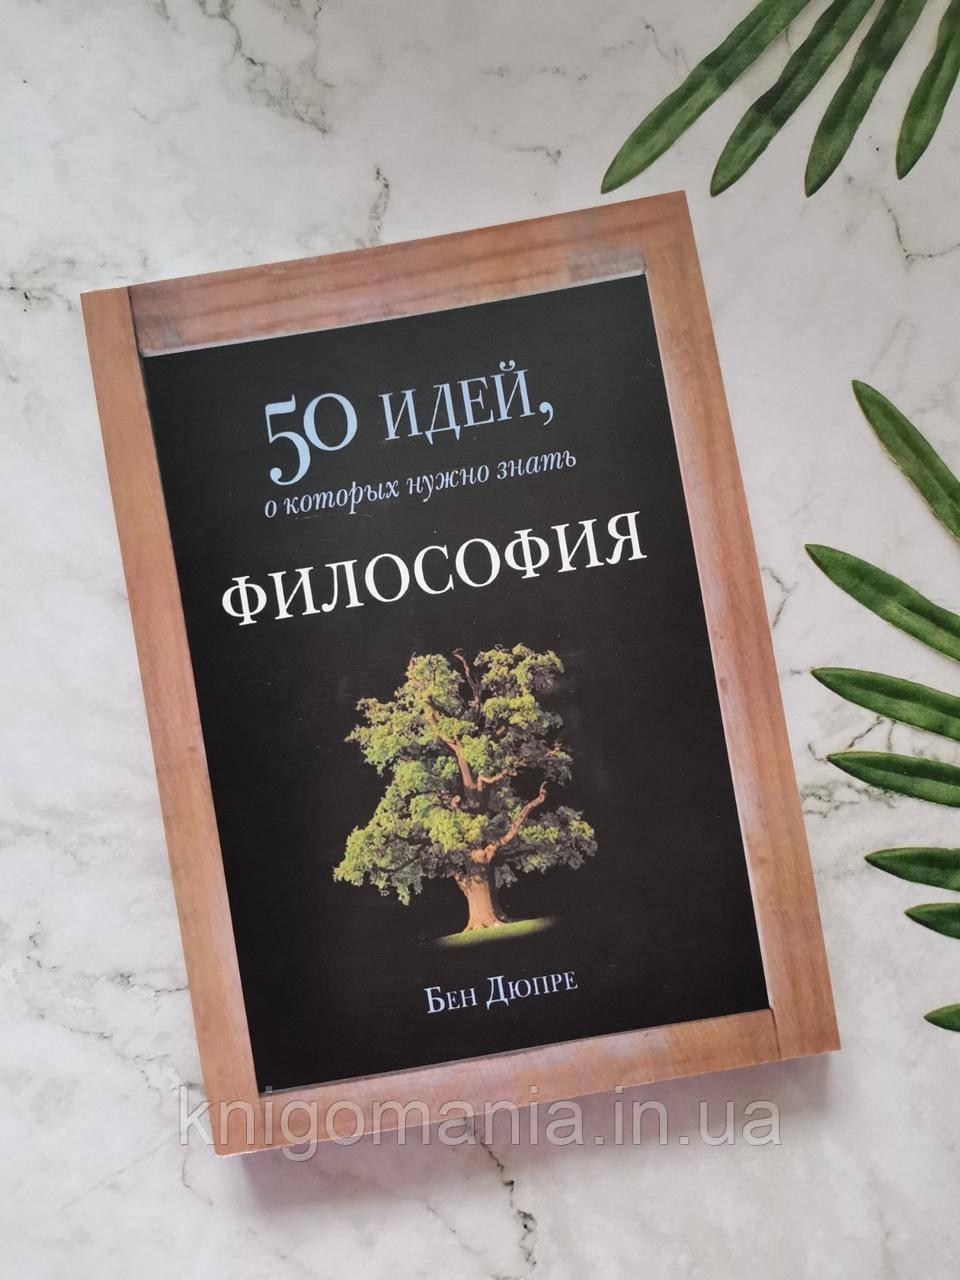 50 идей, о которых нужно знать. Философия. Бен Дюпре